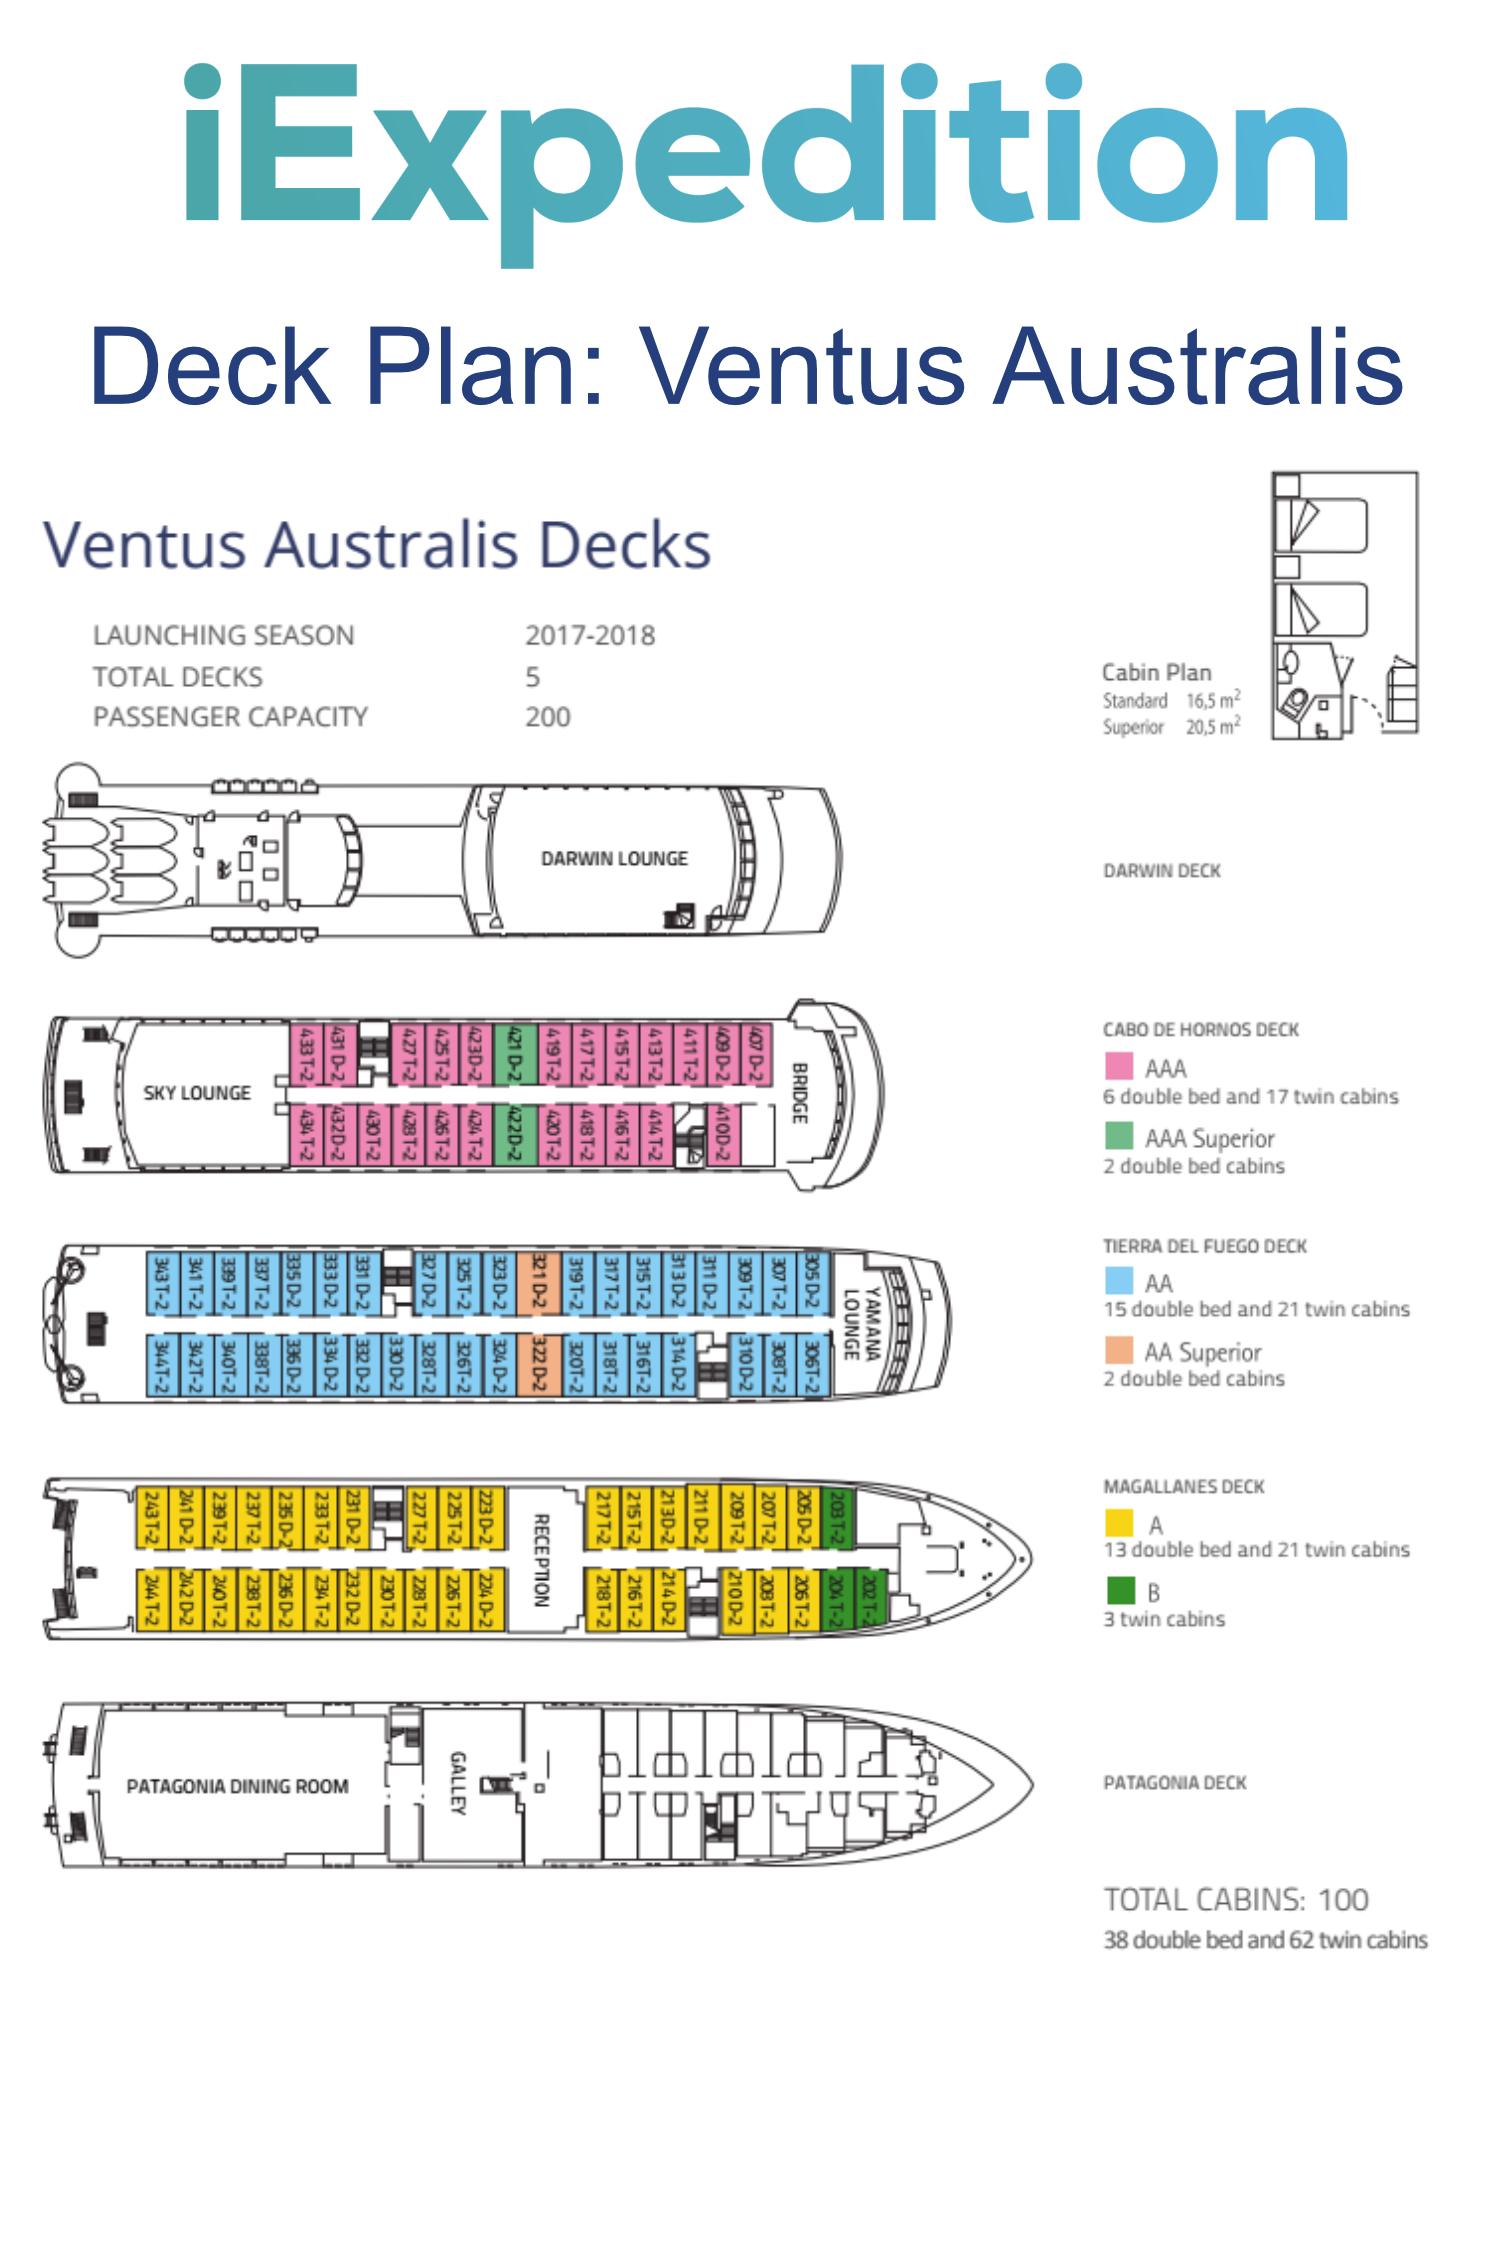 Ventus australis deck plan